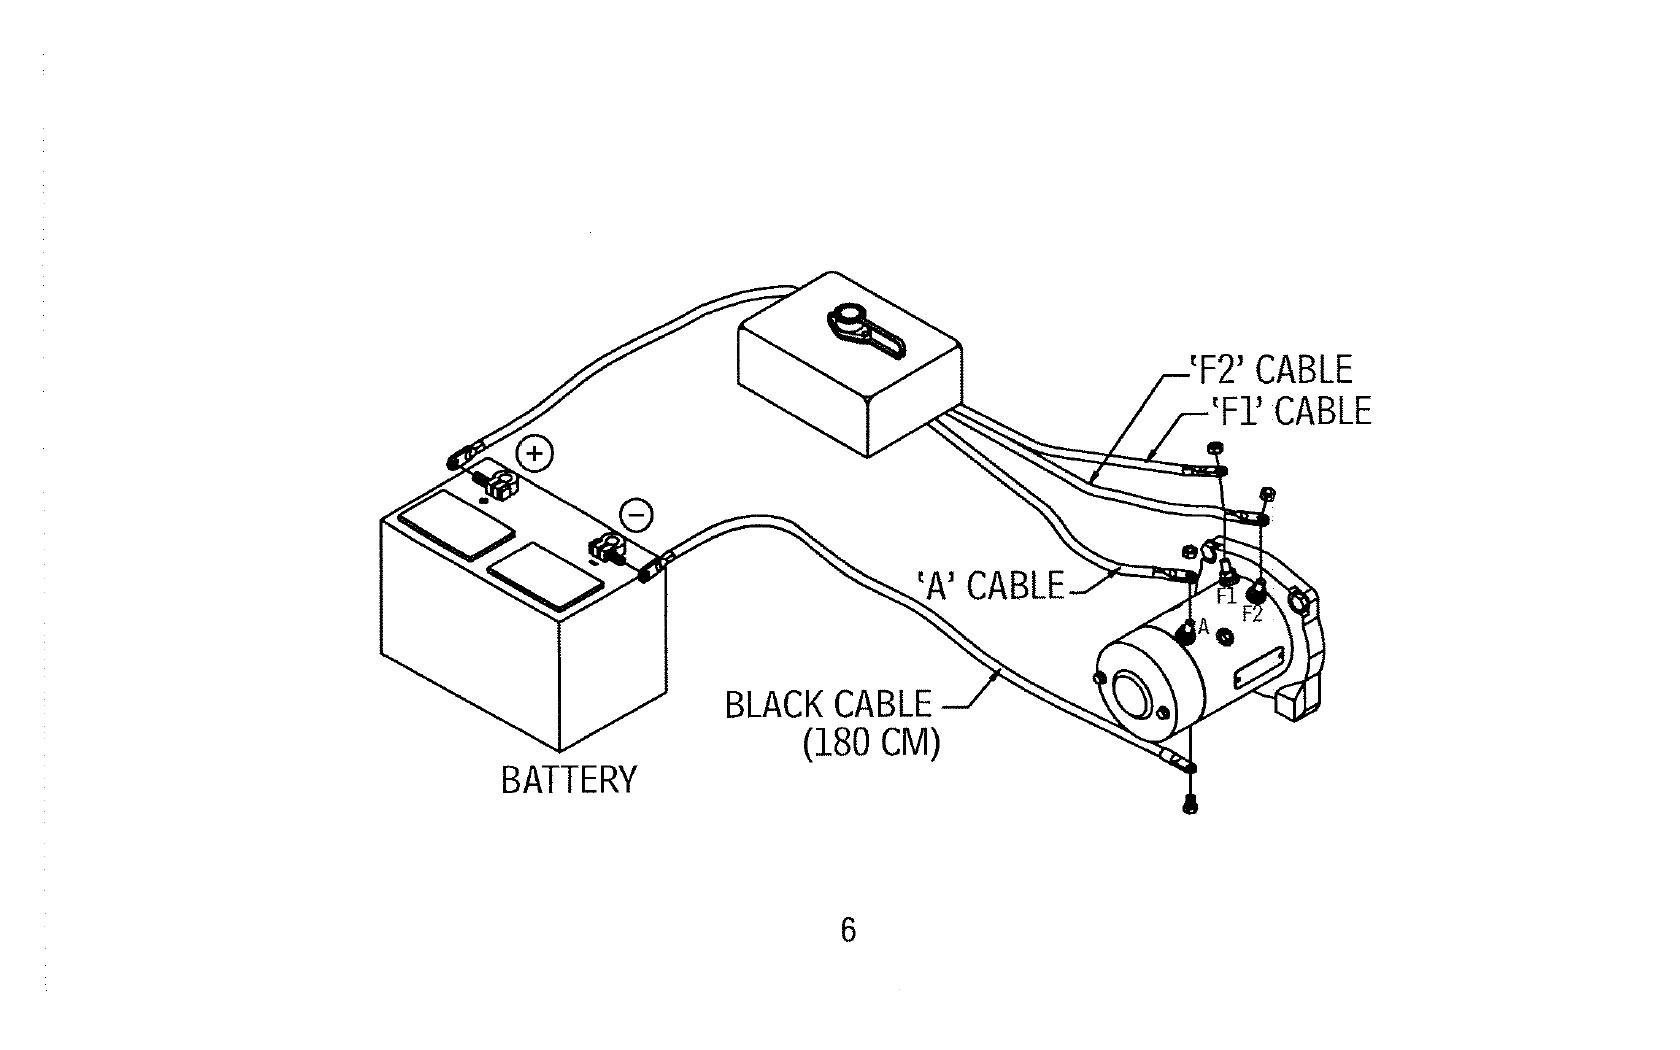 Atv Winch Wiring Kit Vonage Home Wiring Diagram For Wiring Diagram Schematics